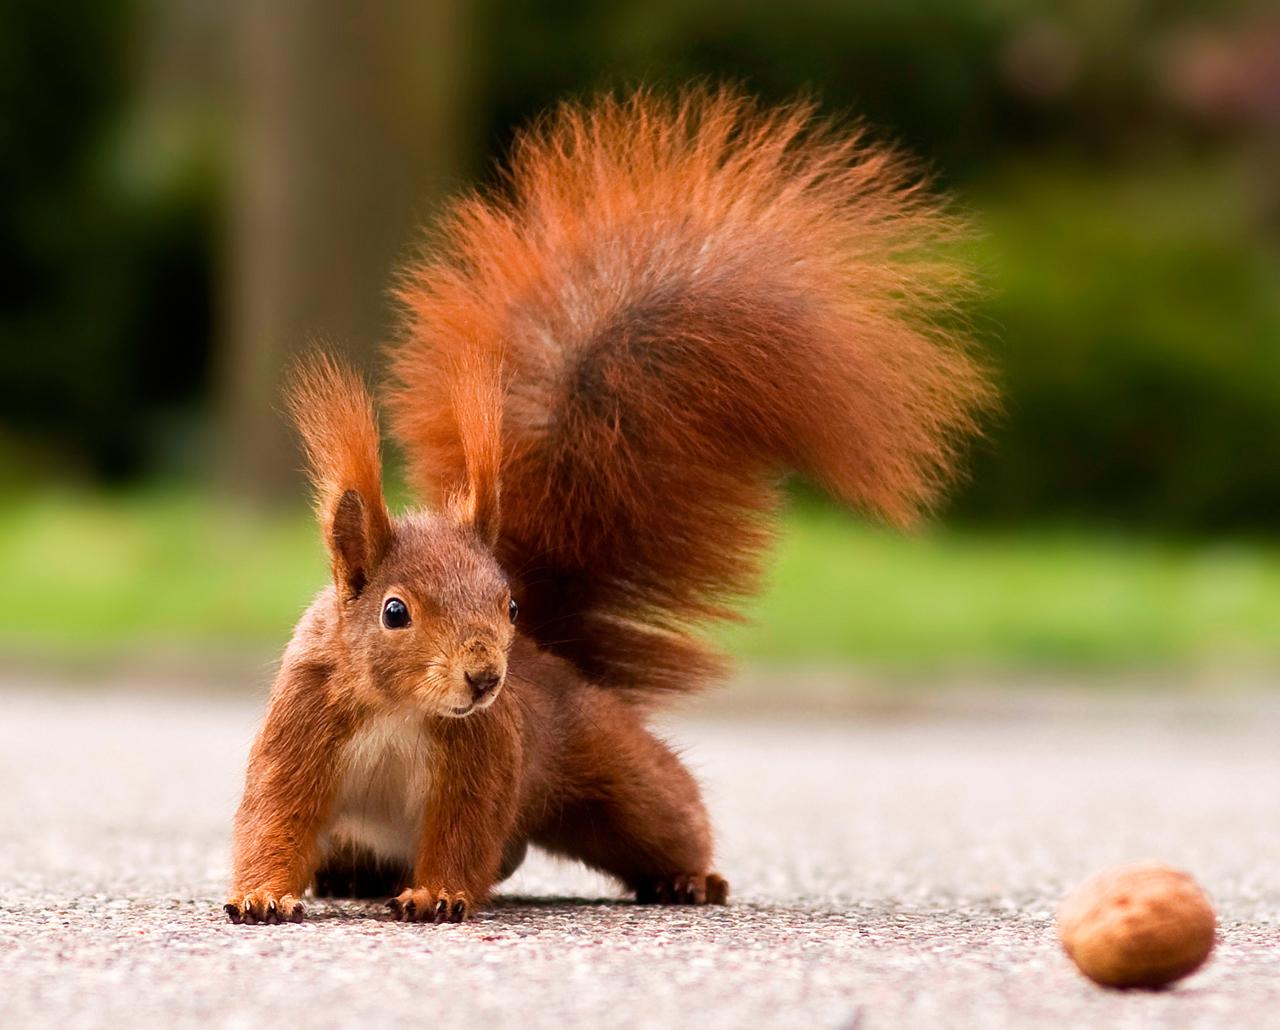 Eichhrnchen Bilder - Tiere fotografieren leicht gemacht ...